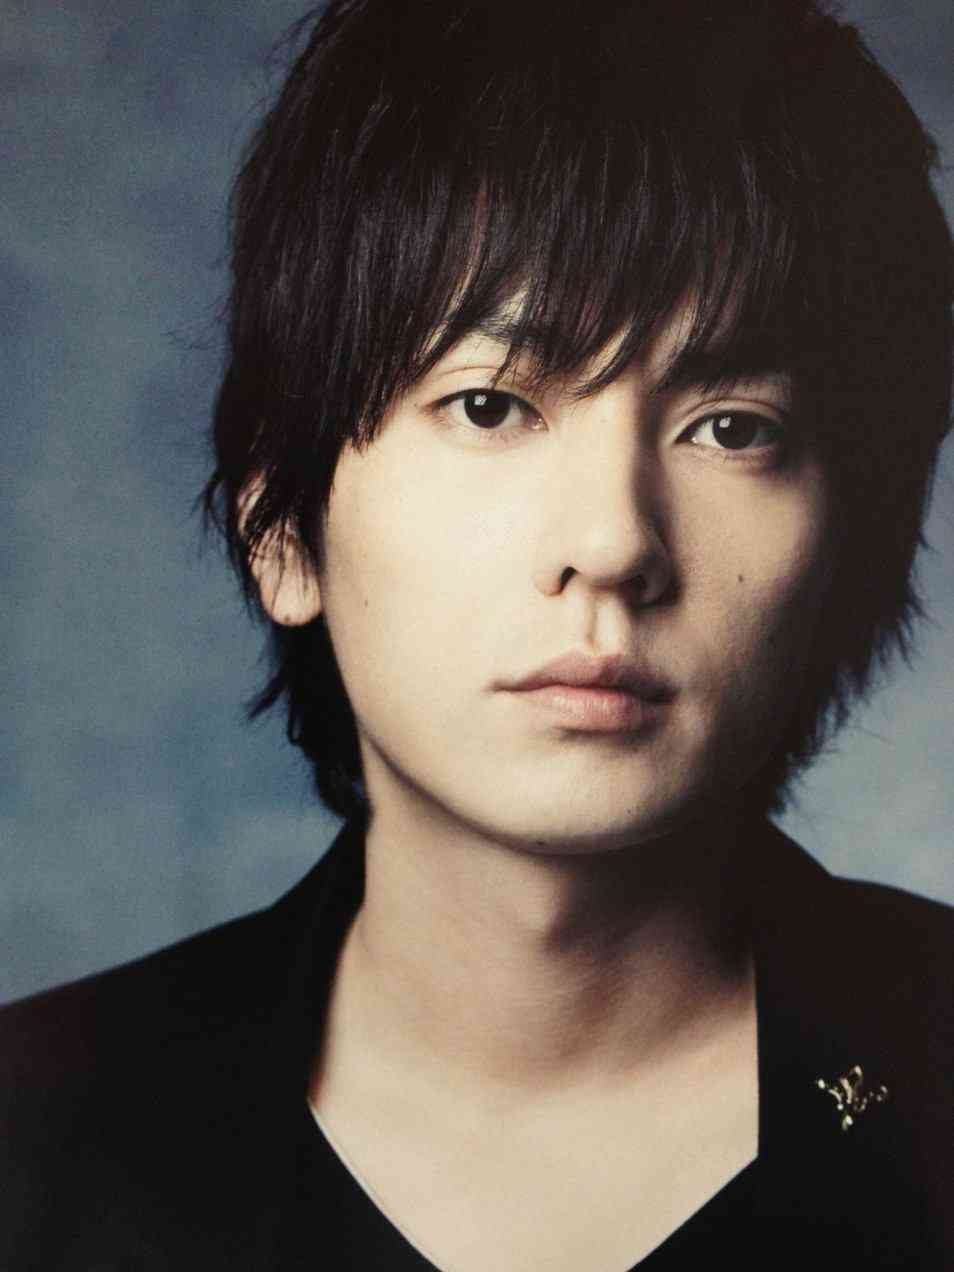 flumpool・山村隆太、月9初芝居はキスシーン 役者デビューに心配顔も